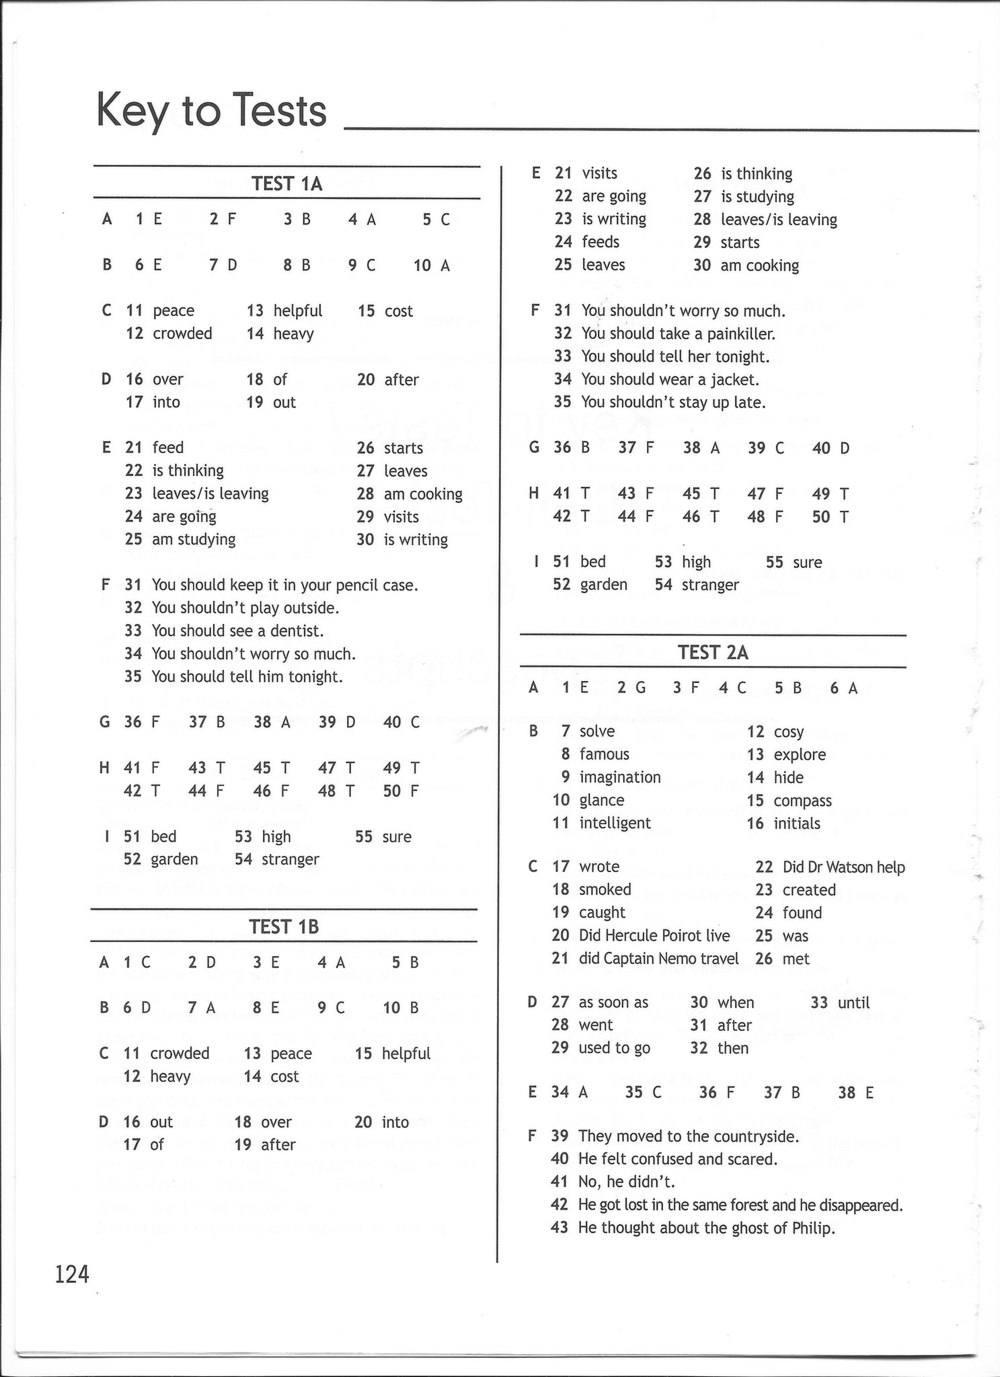 Гдз по английскому языку 7 класс ответы на тесты